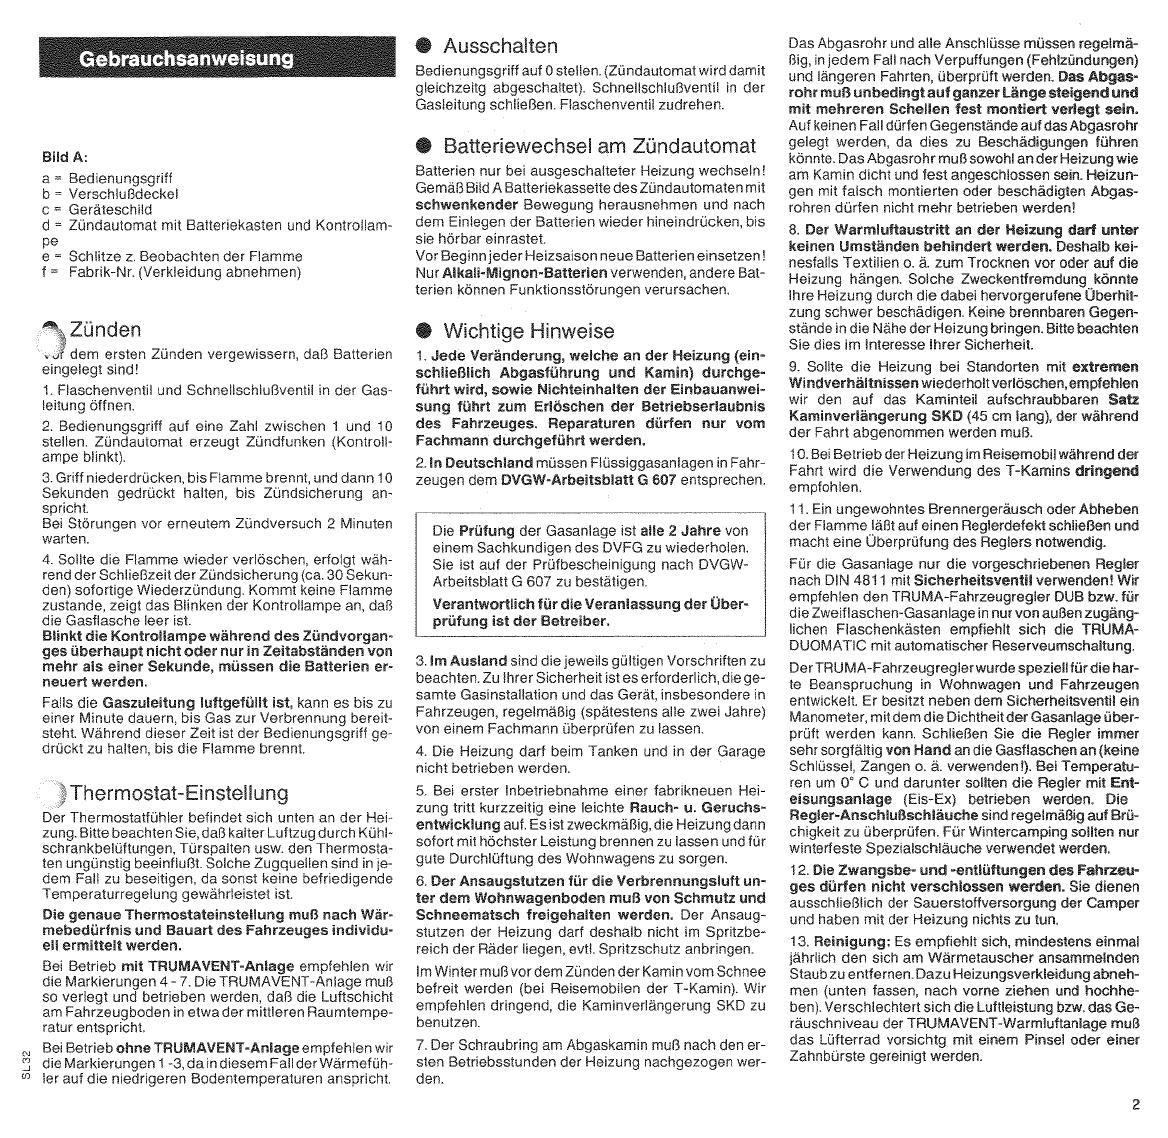 Bedienungsanleitung Trumatic SL3002 (Seite 3 von 18) (Deutsch ...